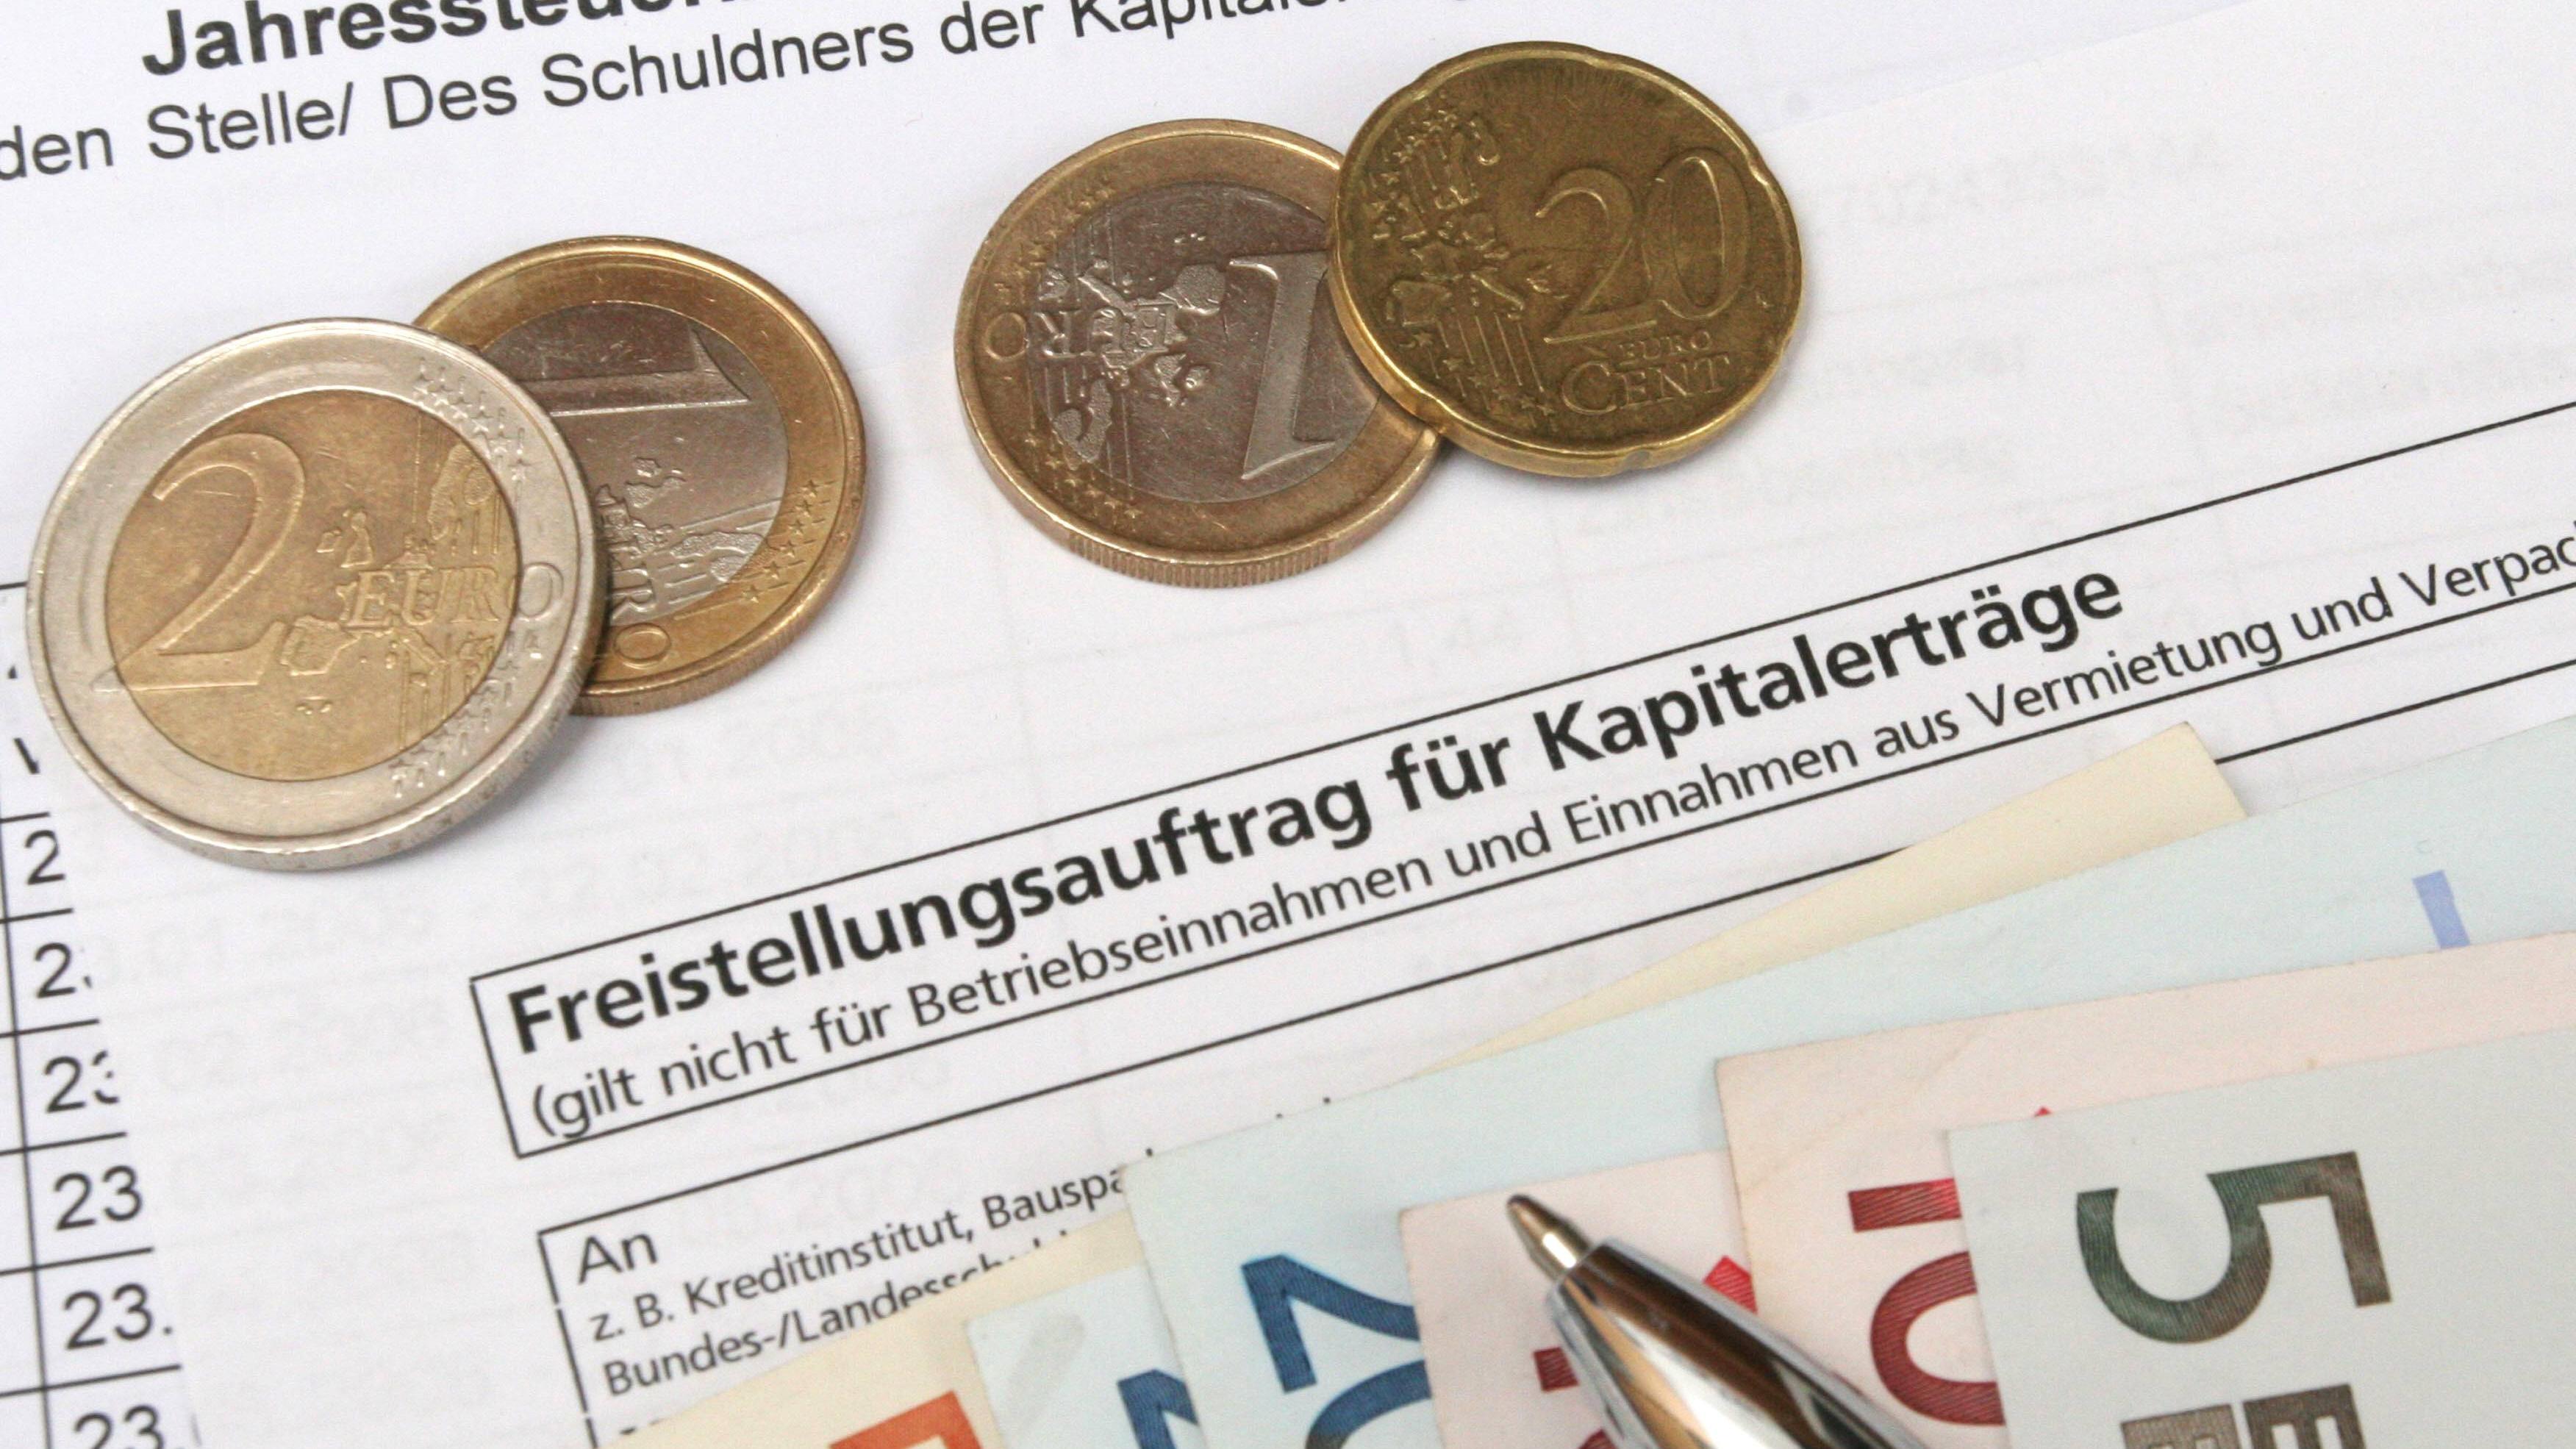 Flatex Steuerbescheinigung: So versteuern Sie Gewinne